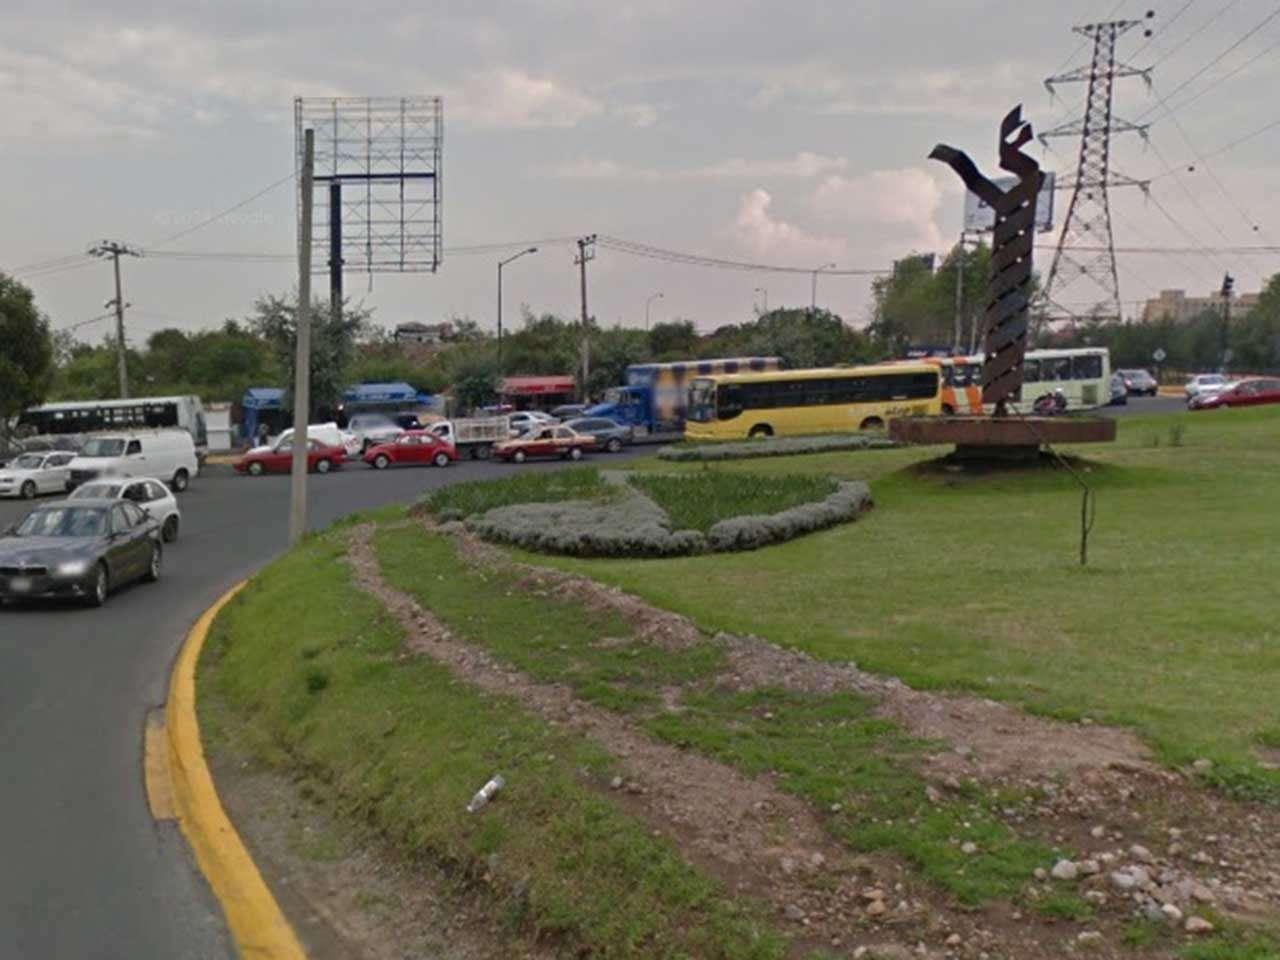 El líder vecinal Édgar Mendoza dijo que aún no determinan si en el acto de protesta bloquearán la circulación vehicular en la glorieta de Vasco de Quiroga. Foto: Google Maps